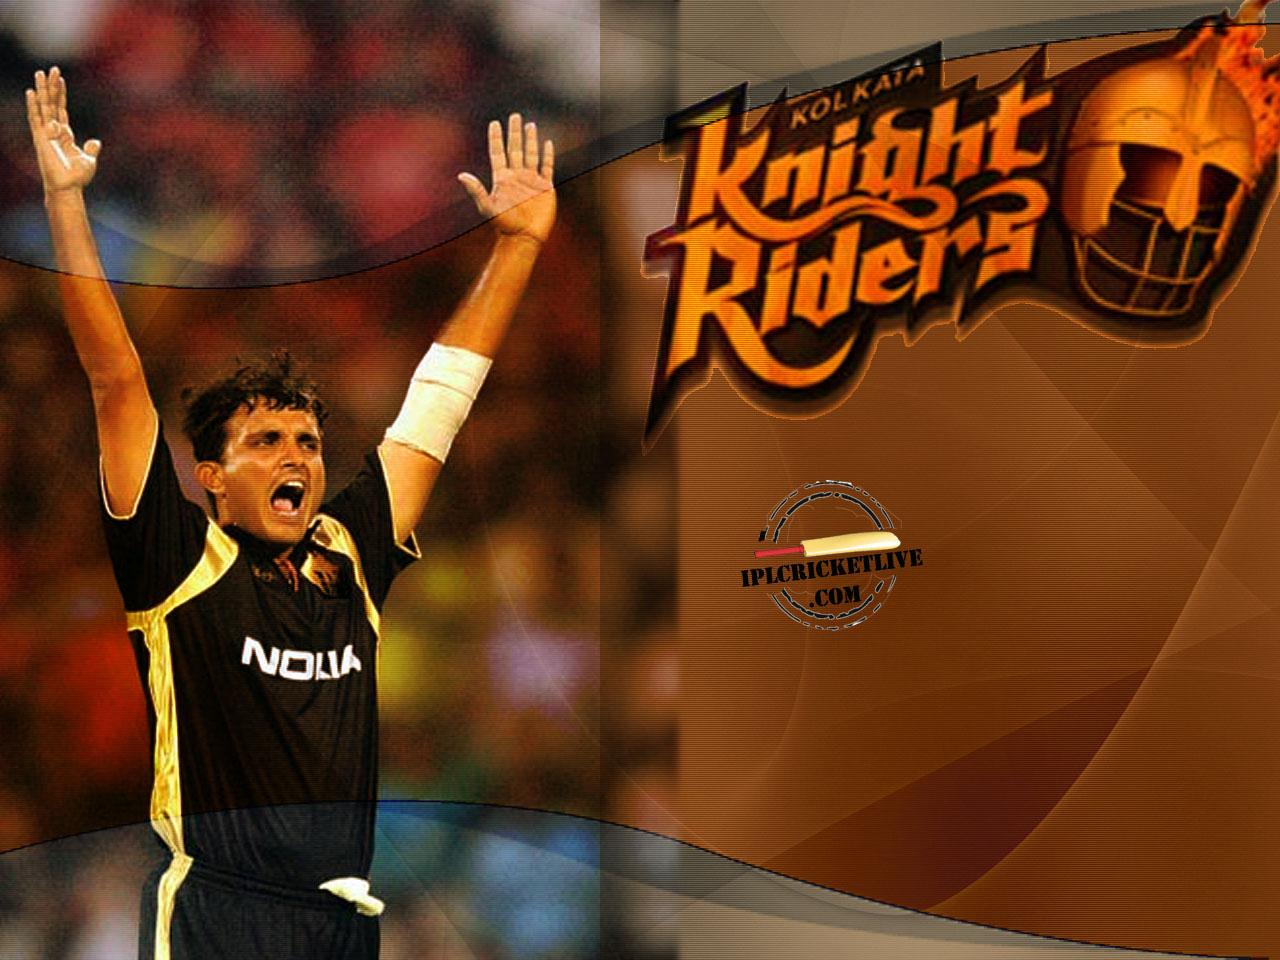 kolkata knight riders team 2008